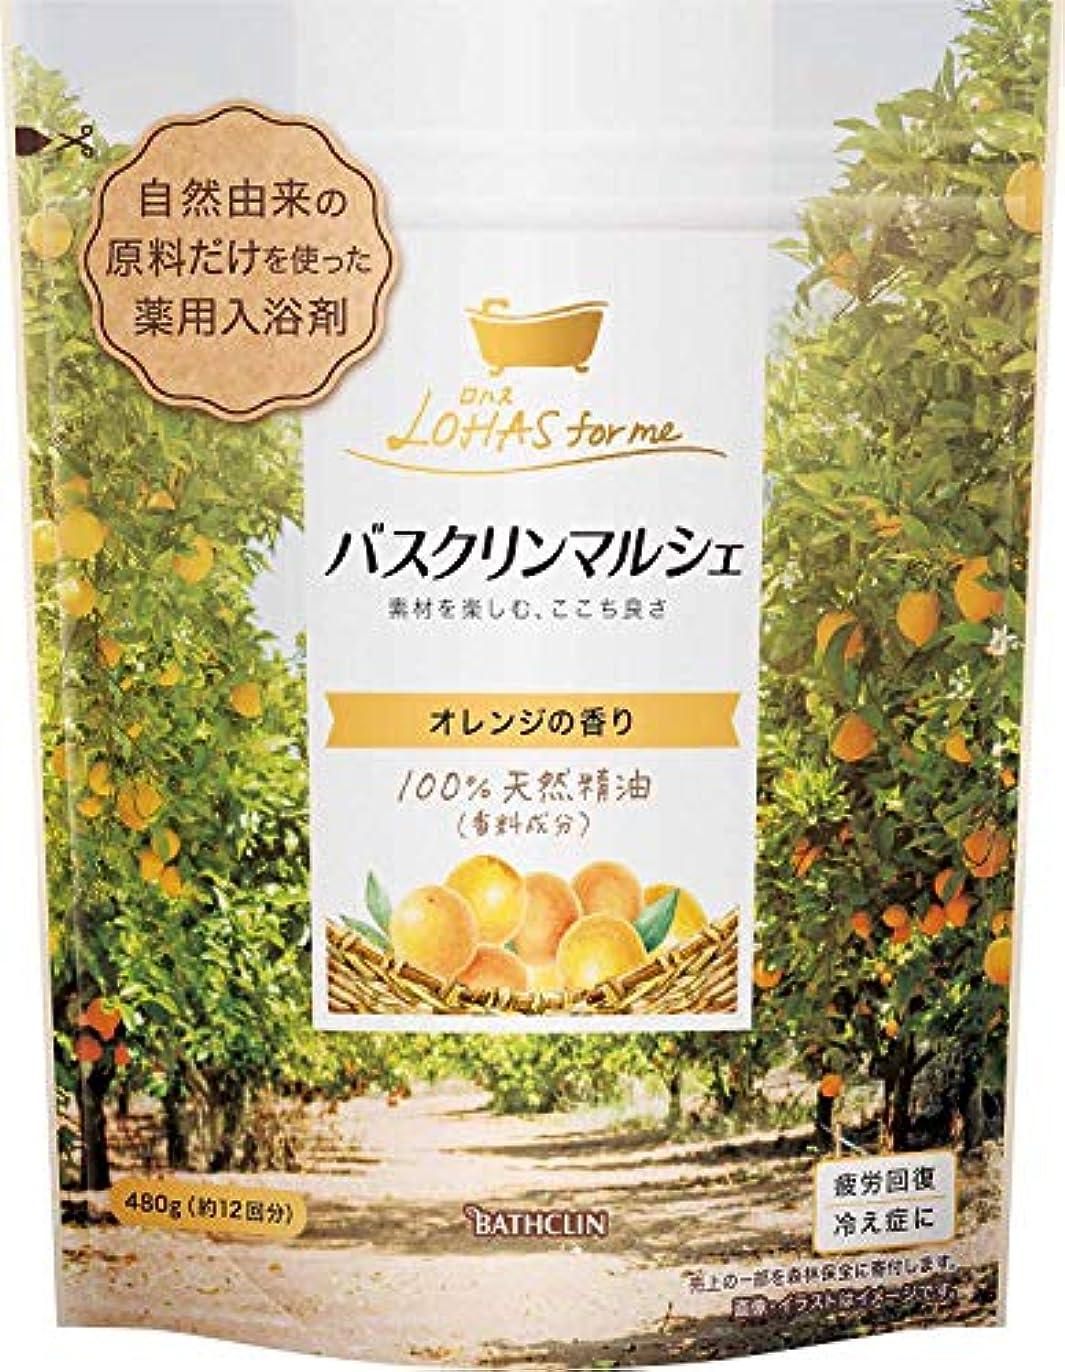 カブあるプレゼント【医薬部外品/合成香料無添加】バスクリンマルシェ入浴剤 オレンジの香り480g 自然派ほのかなやさしい香り